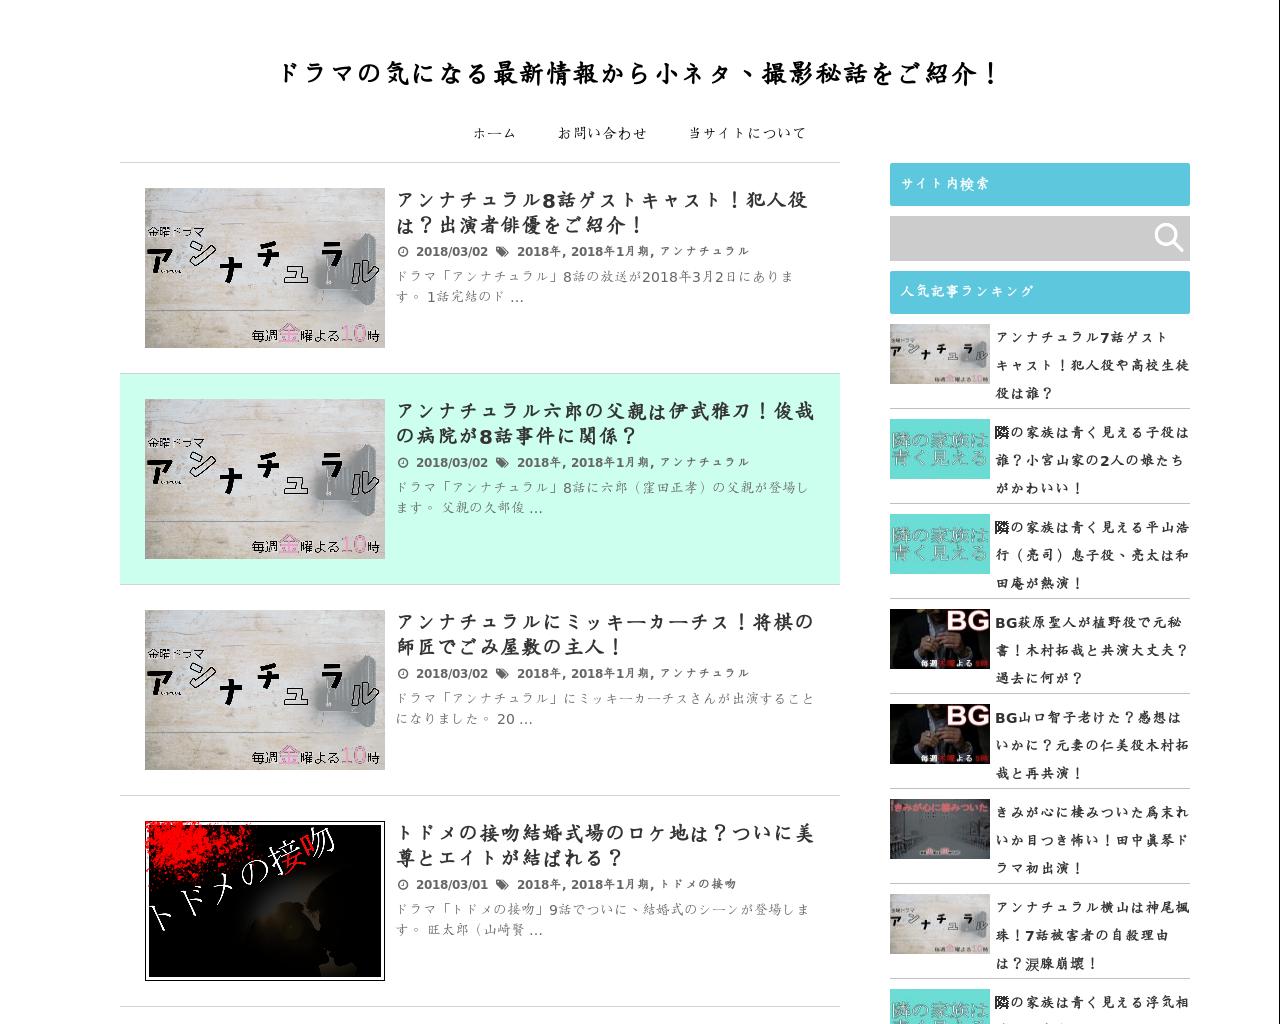 enjoy-tv-drama.com(2018/03/02 18:50:59)